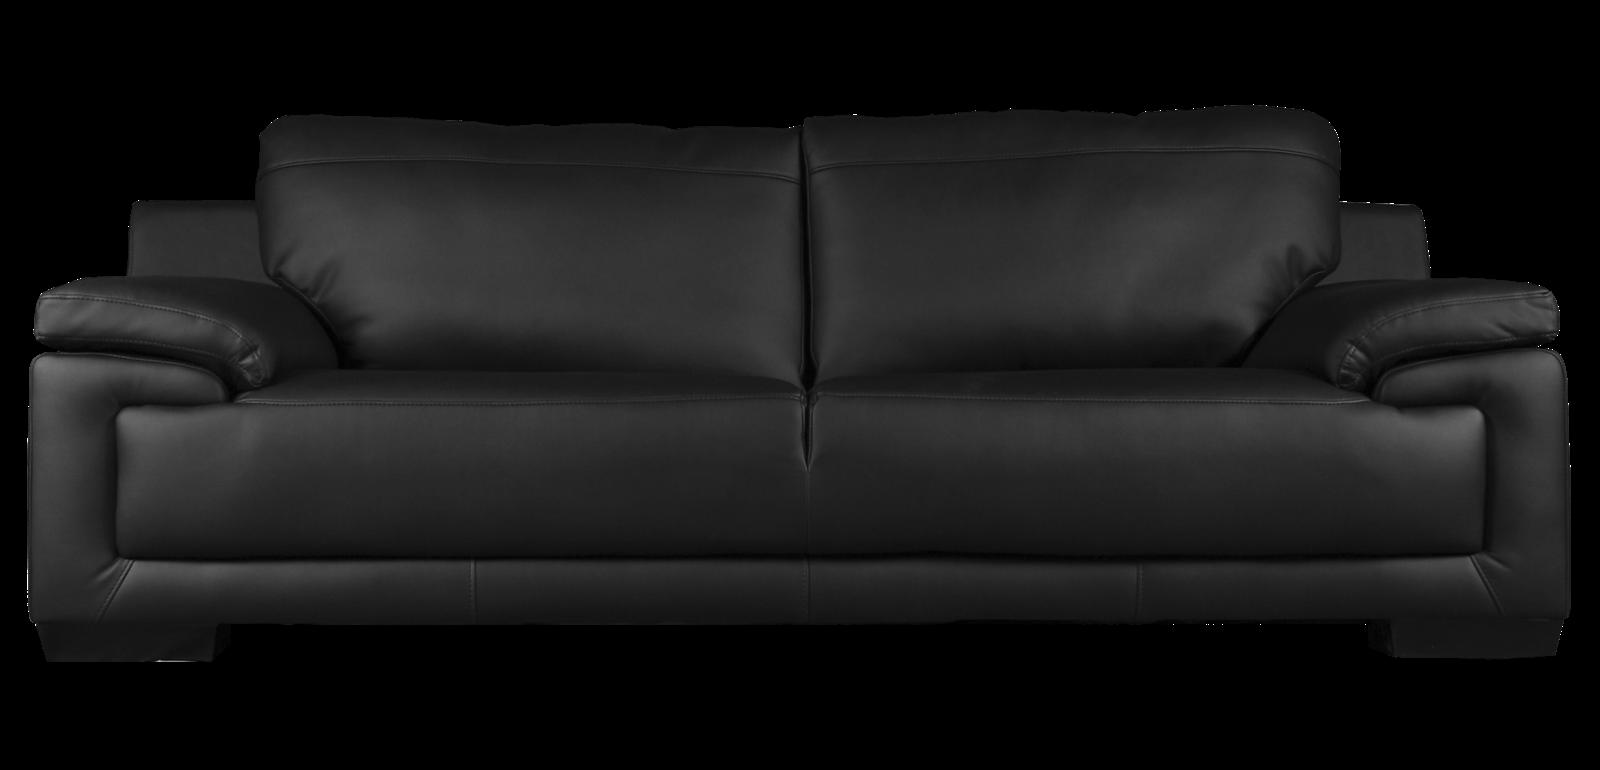 Black sofa PNG image - Sofa PNG